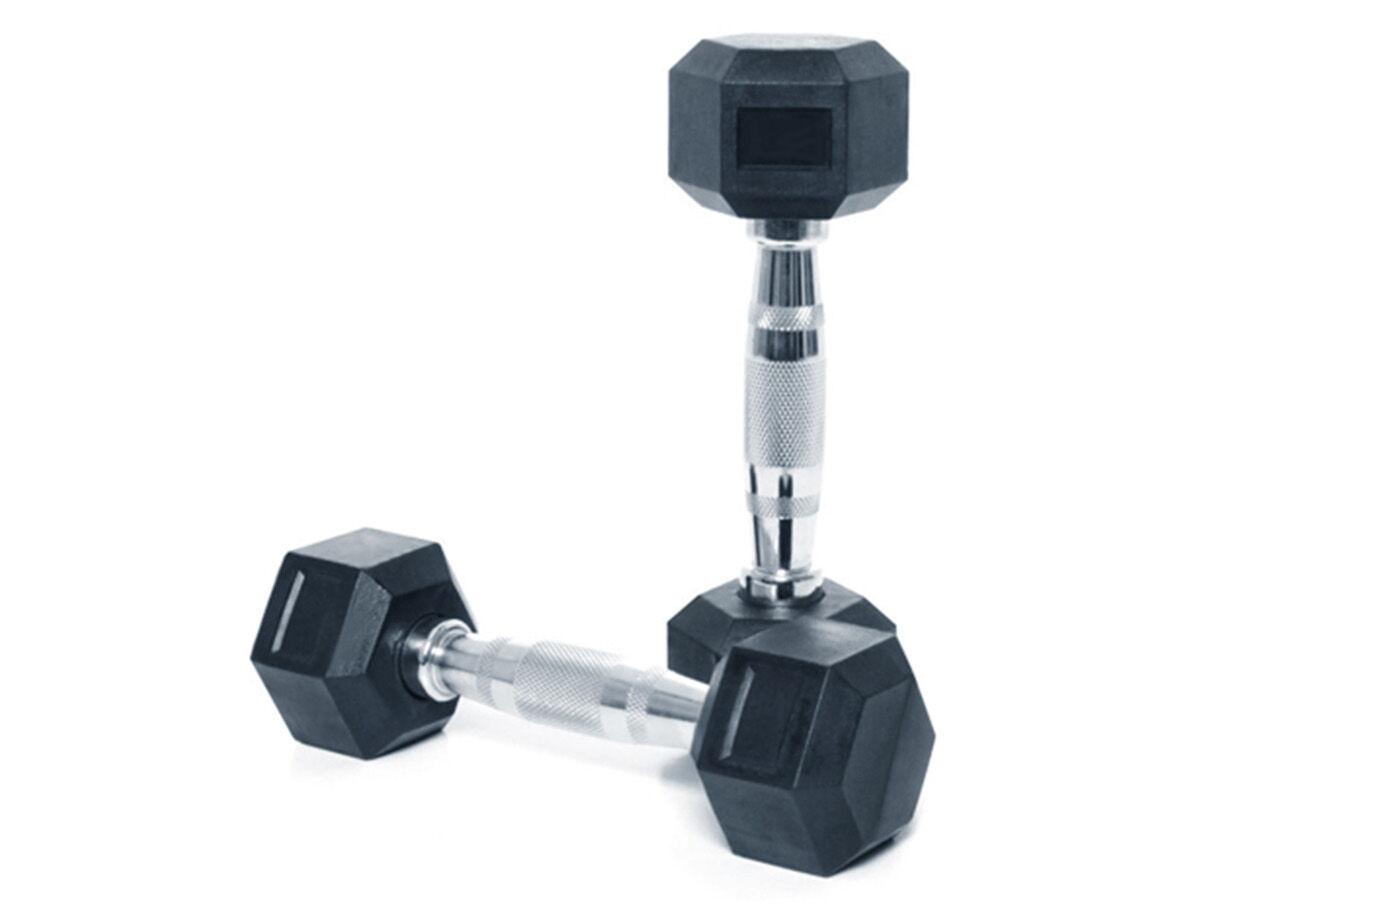 6kg Dumbbells from JTX Fitness